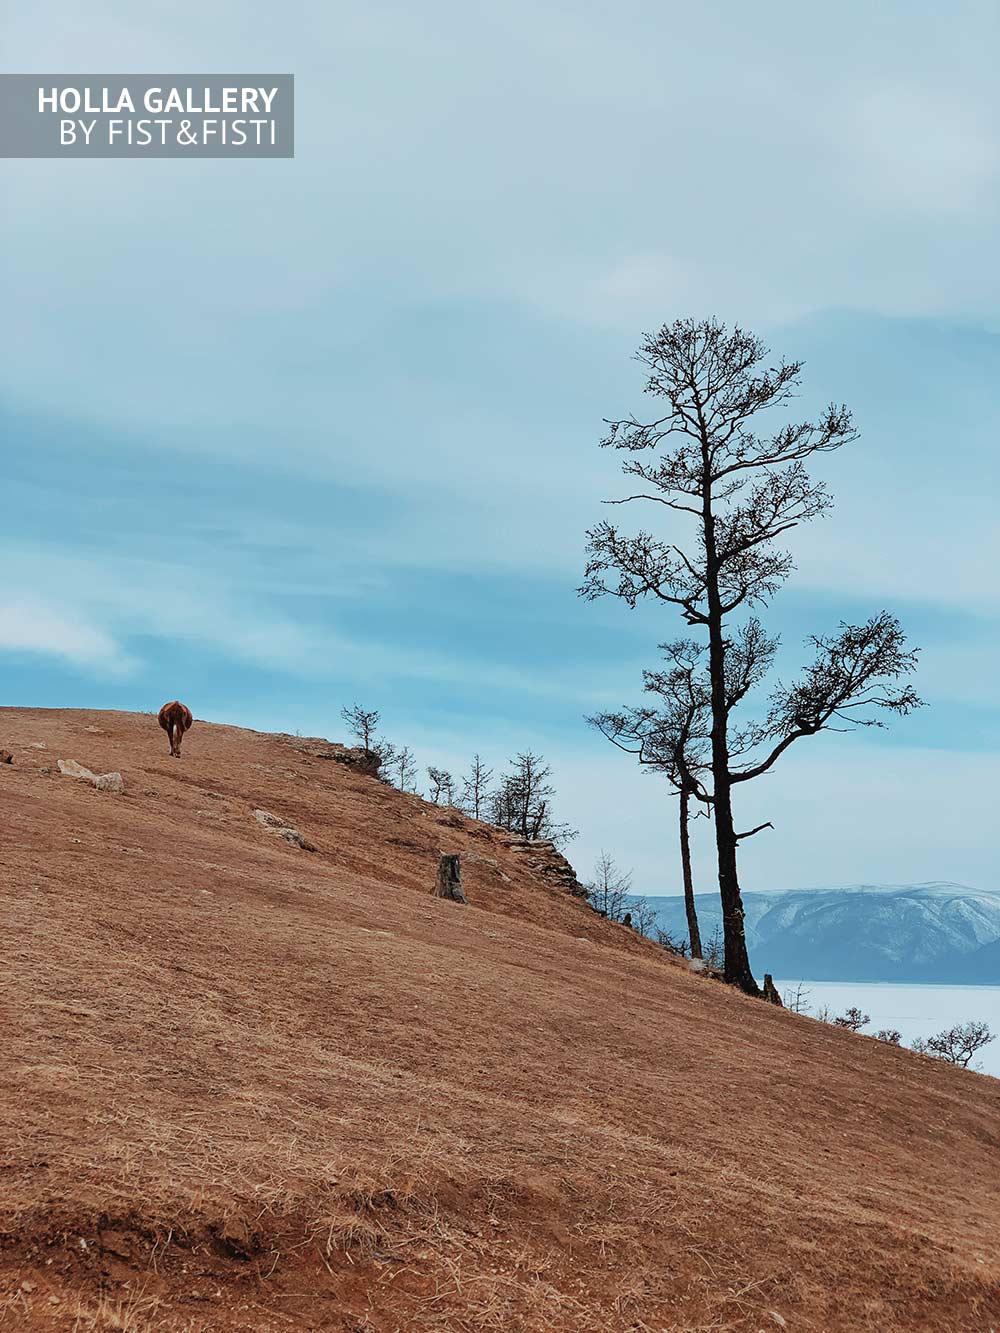 Опушка на острове Ольхон на Байкале. Зимний пейзаж с горами на фоне